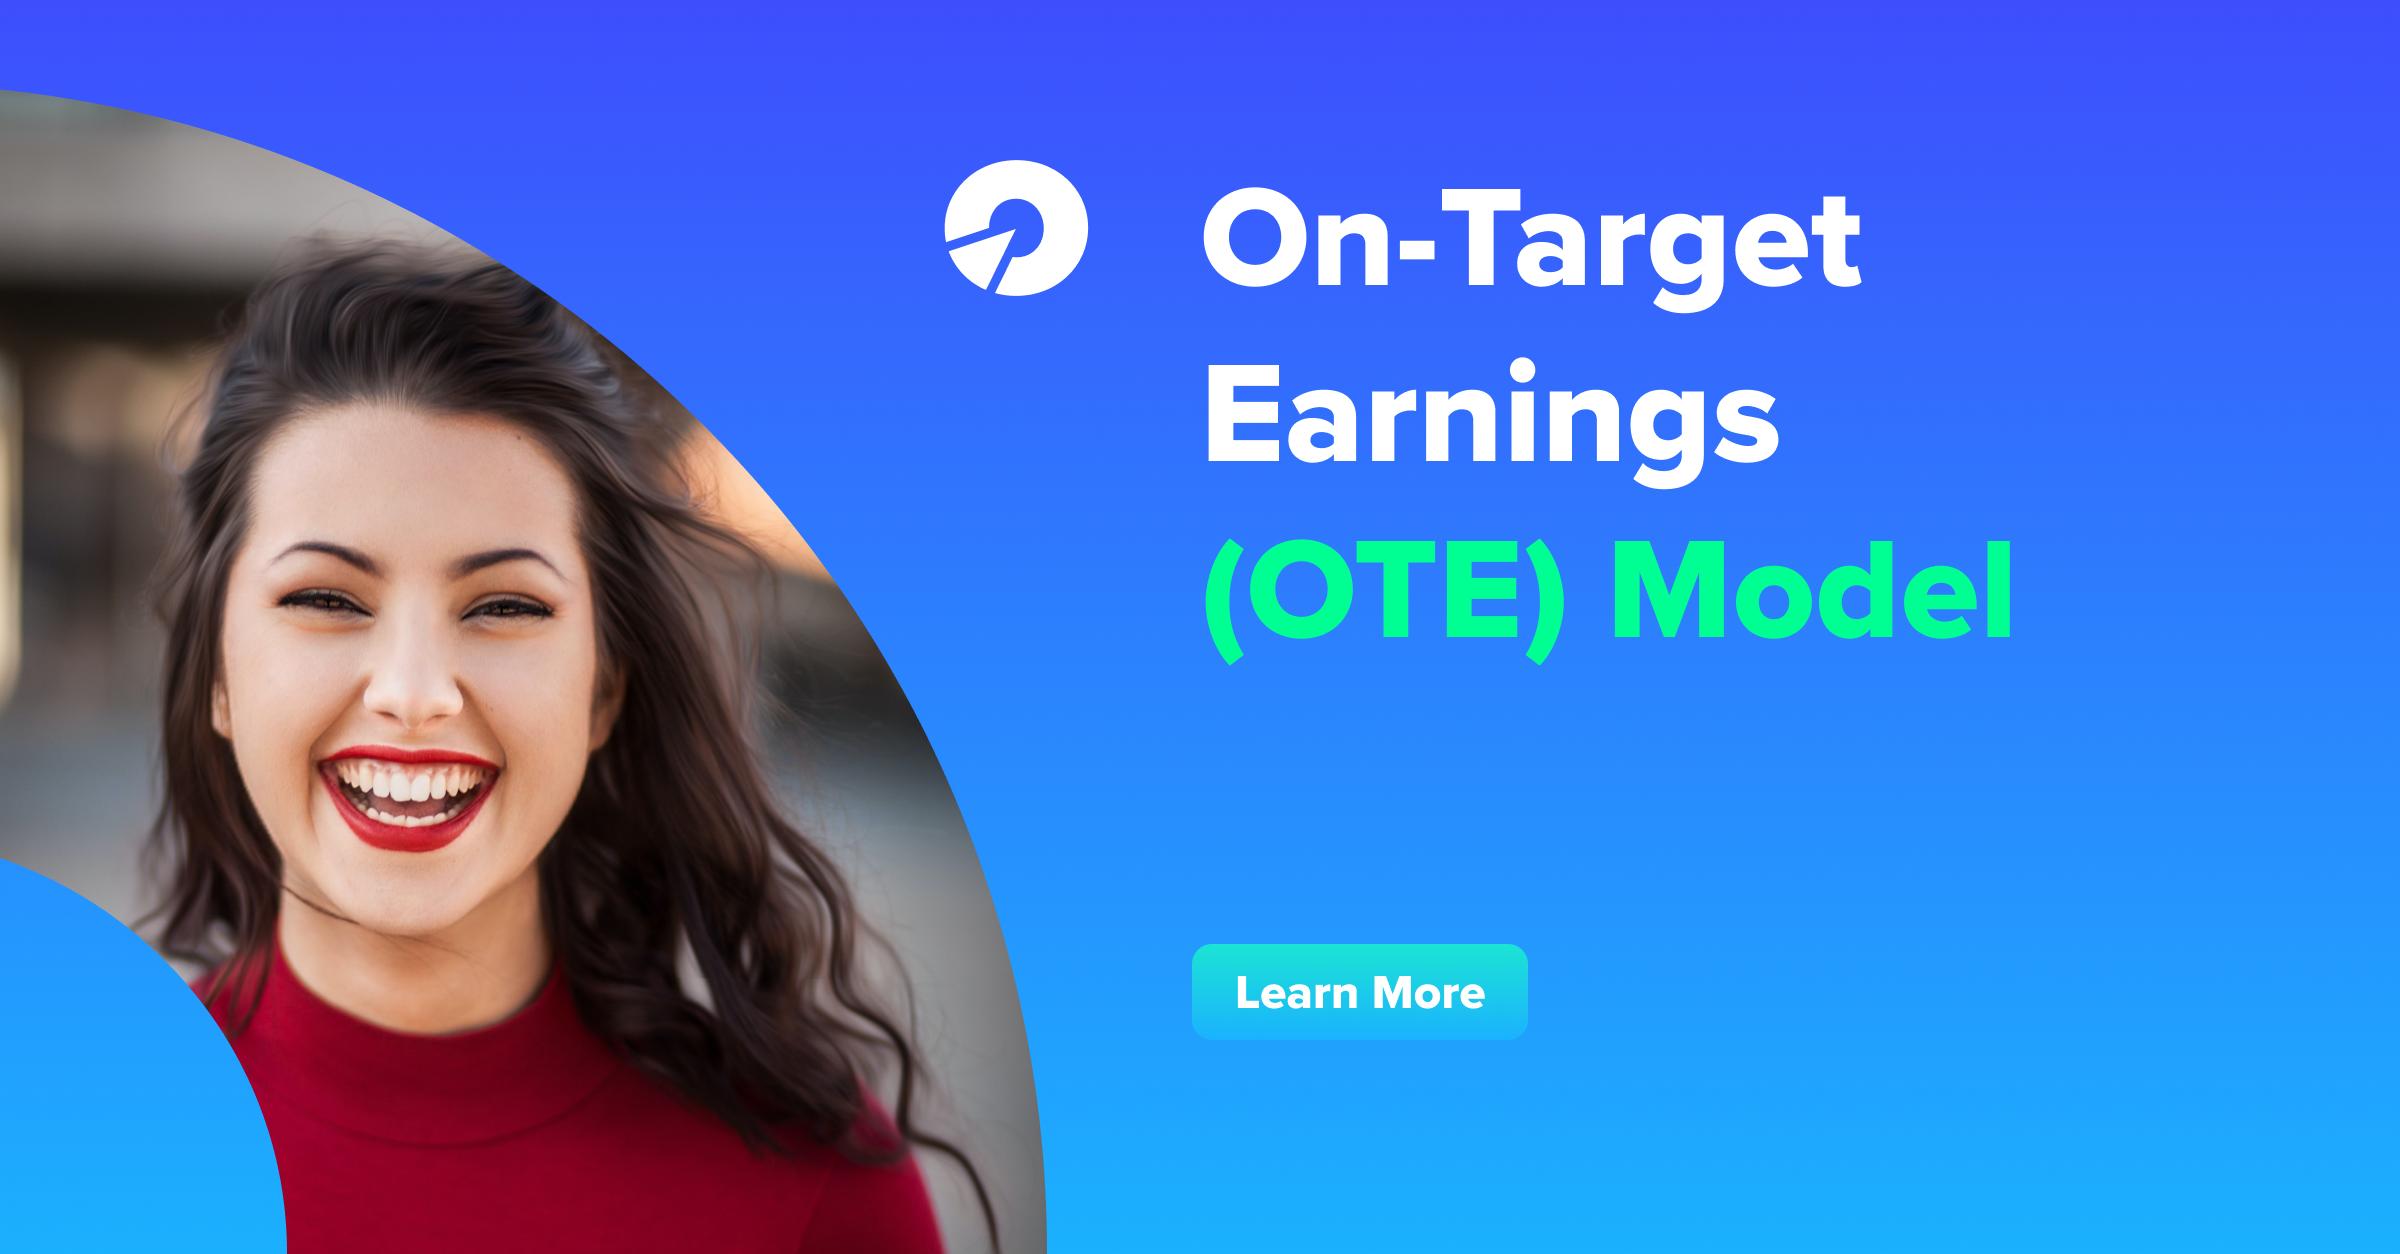 On-Target Earnings (OTE) Model Hero